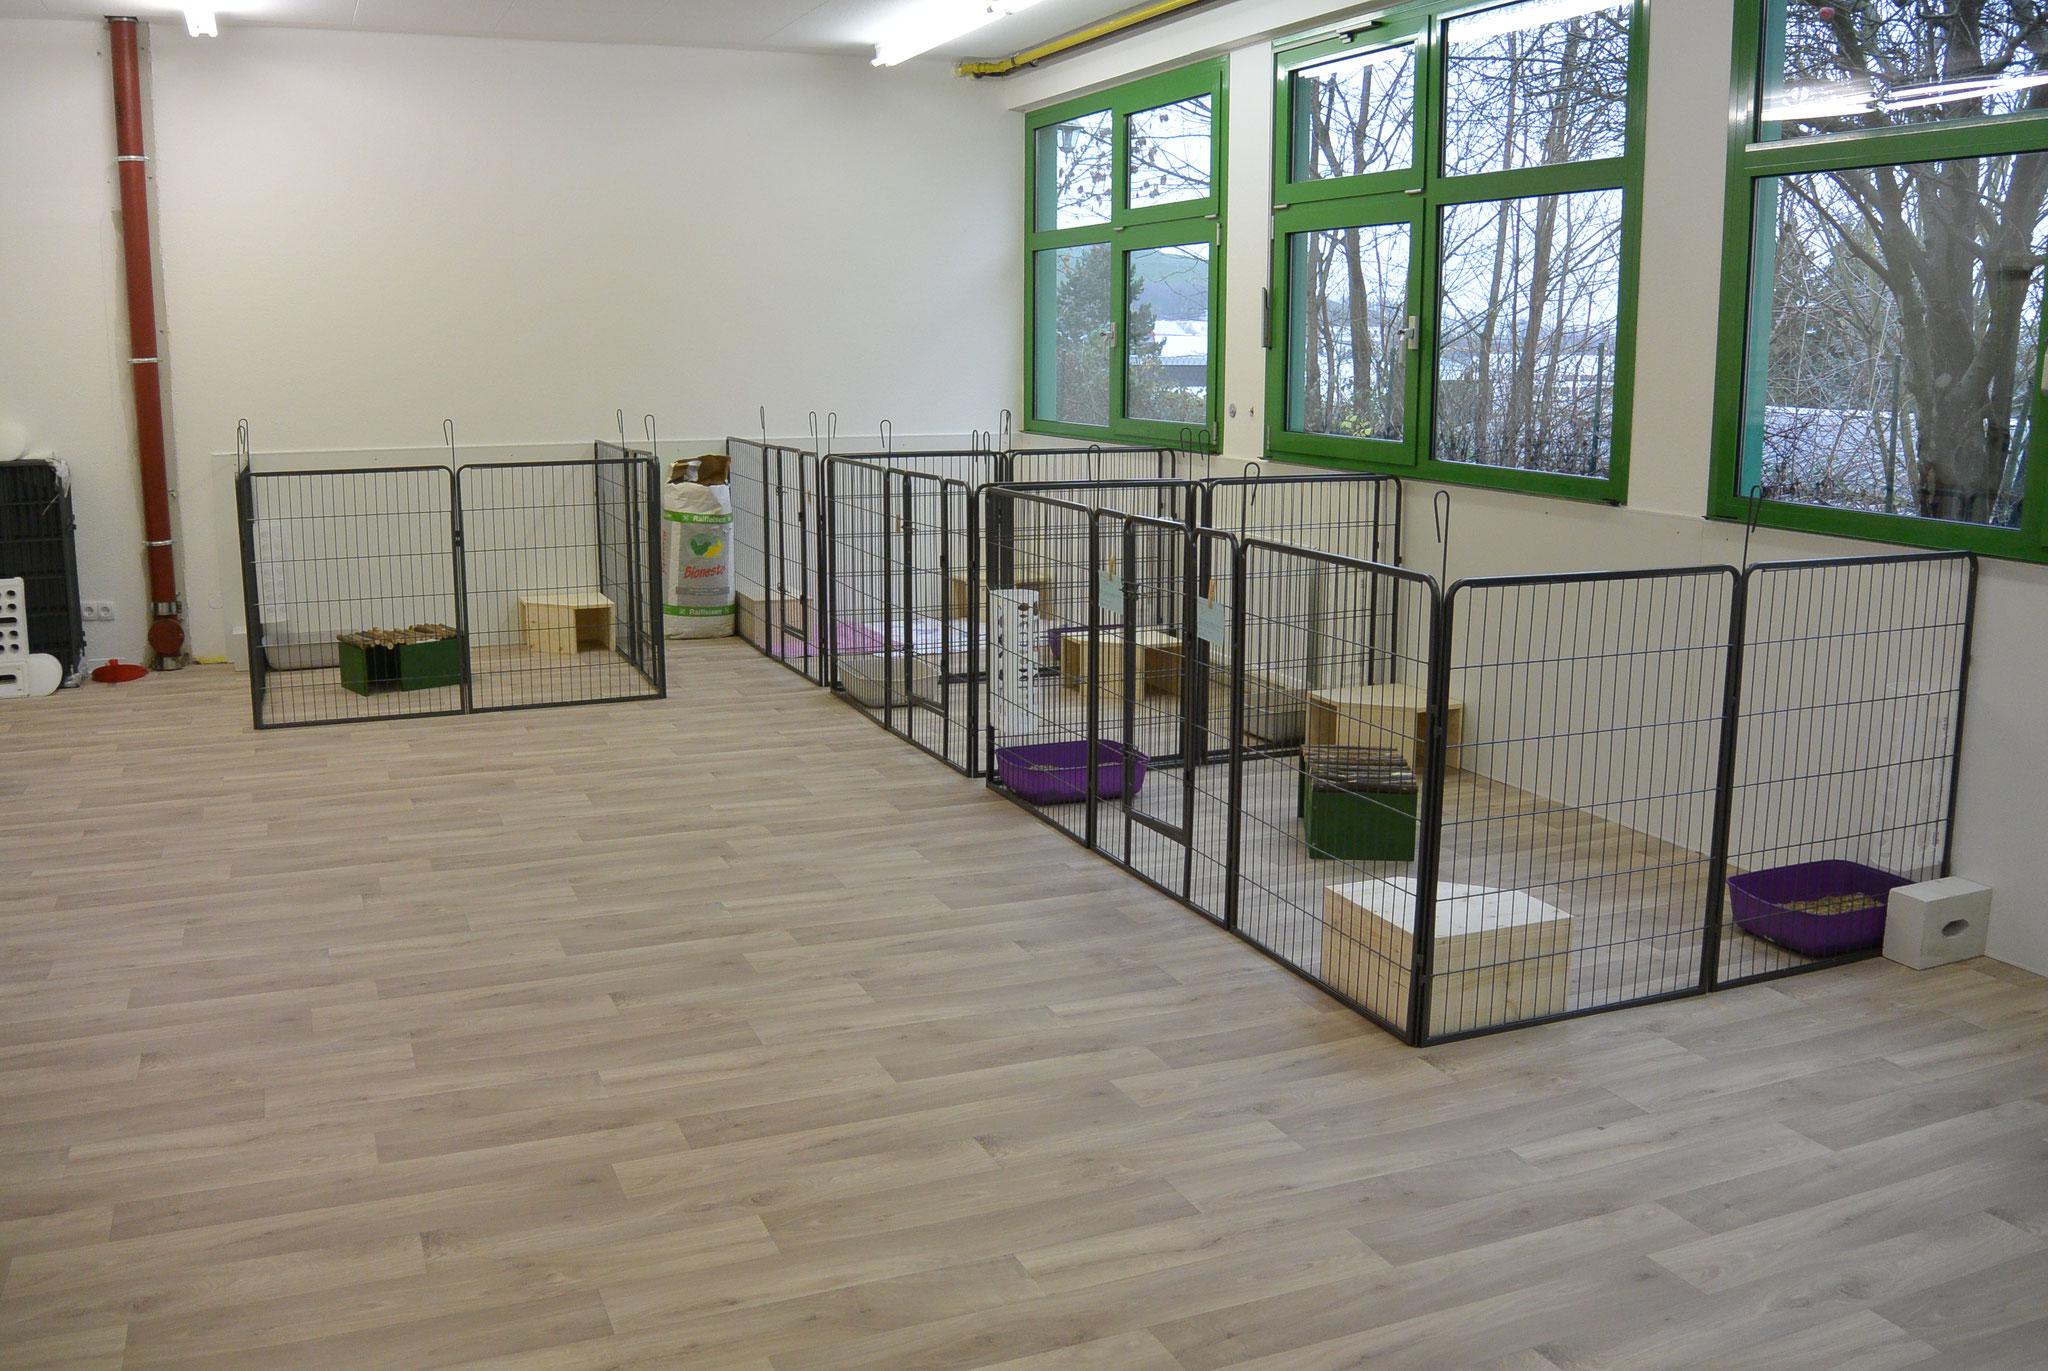 Auch die Kaninchenanlage sollte schon längst stehen, leider hat uns der Lieferant versetzt also erst einmal provisorisch für die ersten Gäste